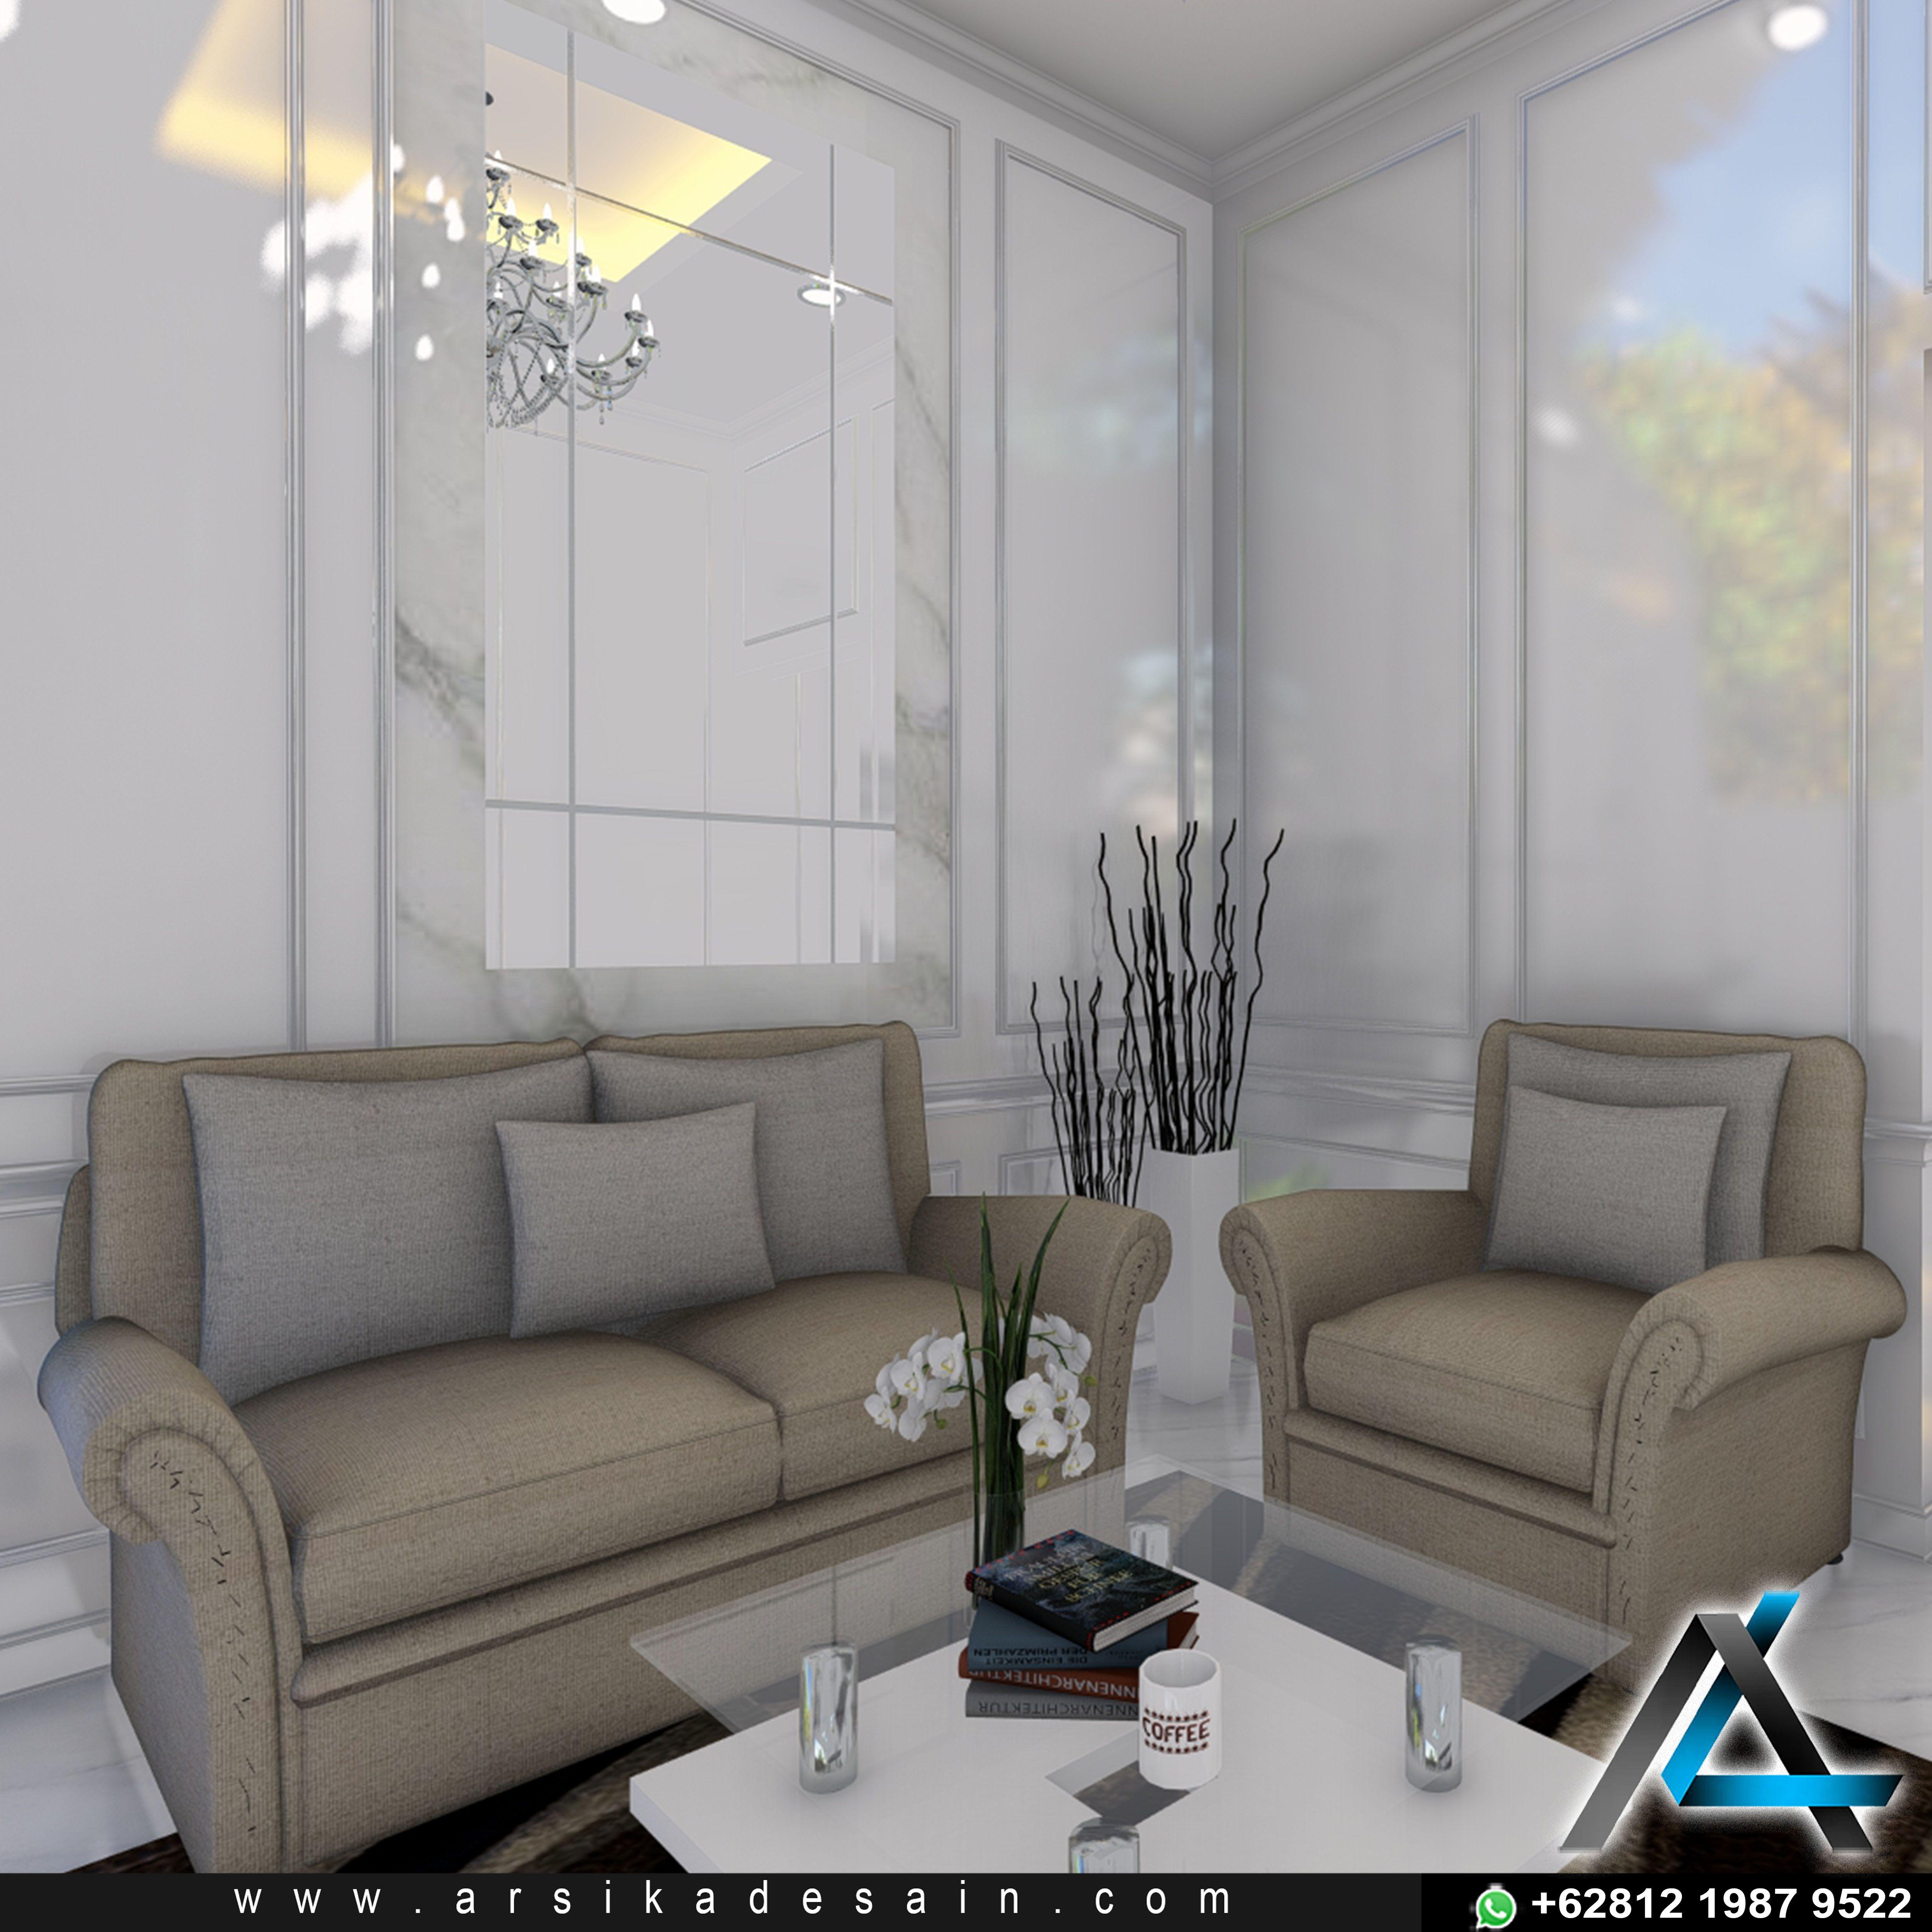 Desain Interior Ruang Tamu Klasik Modern Desain Interior Interior Ide Dekorasi Rumah